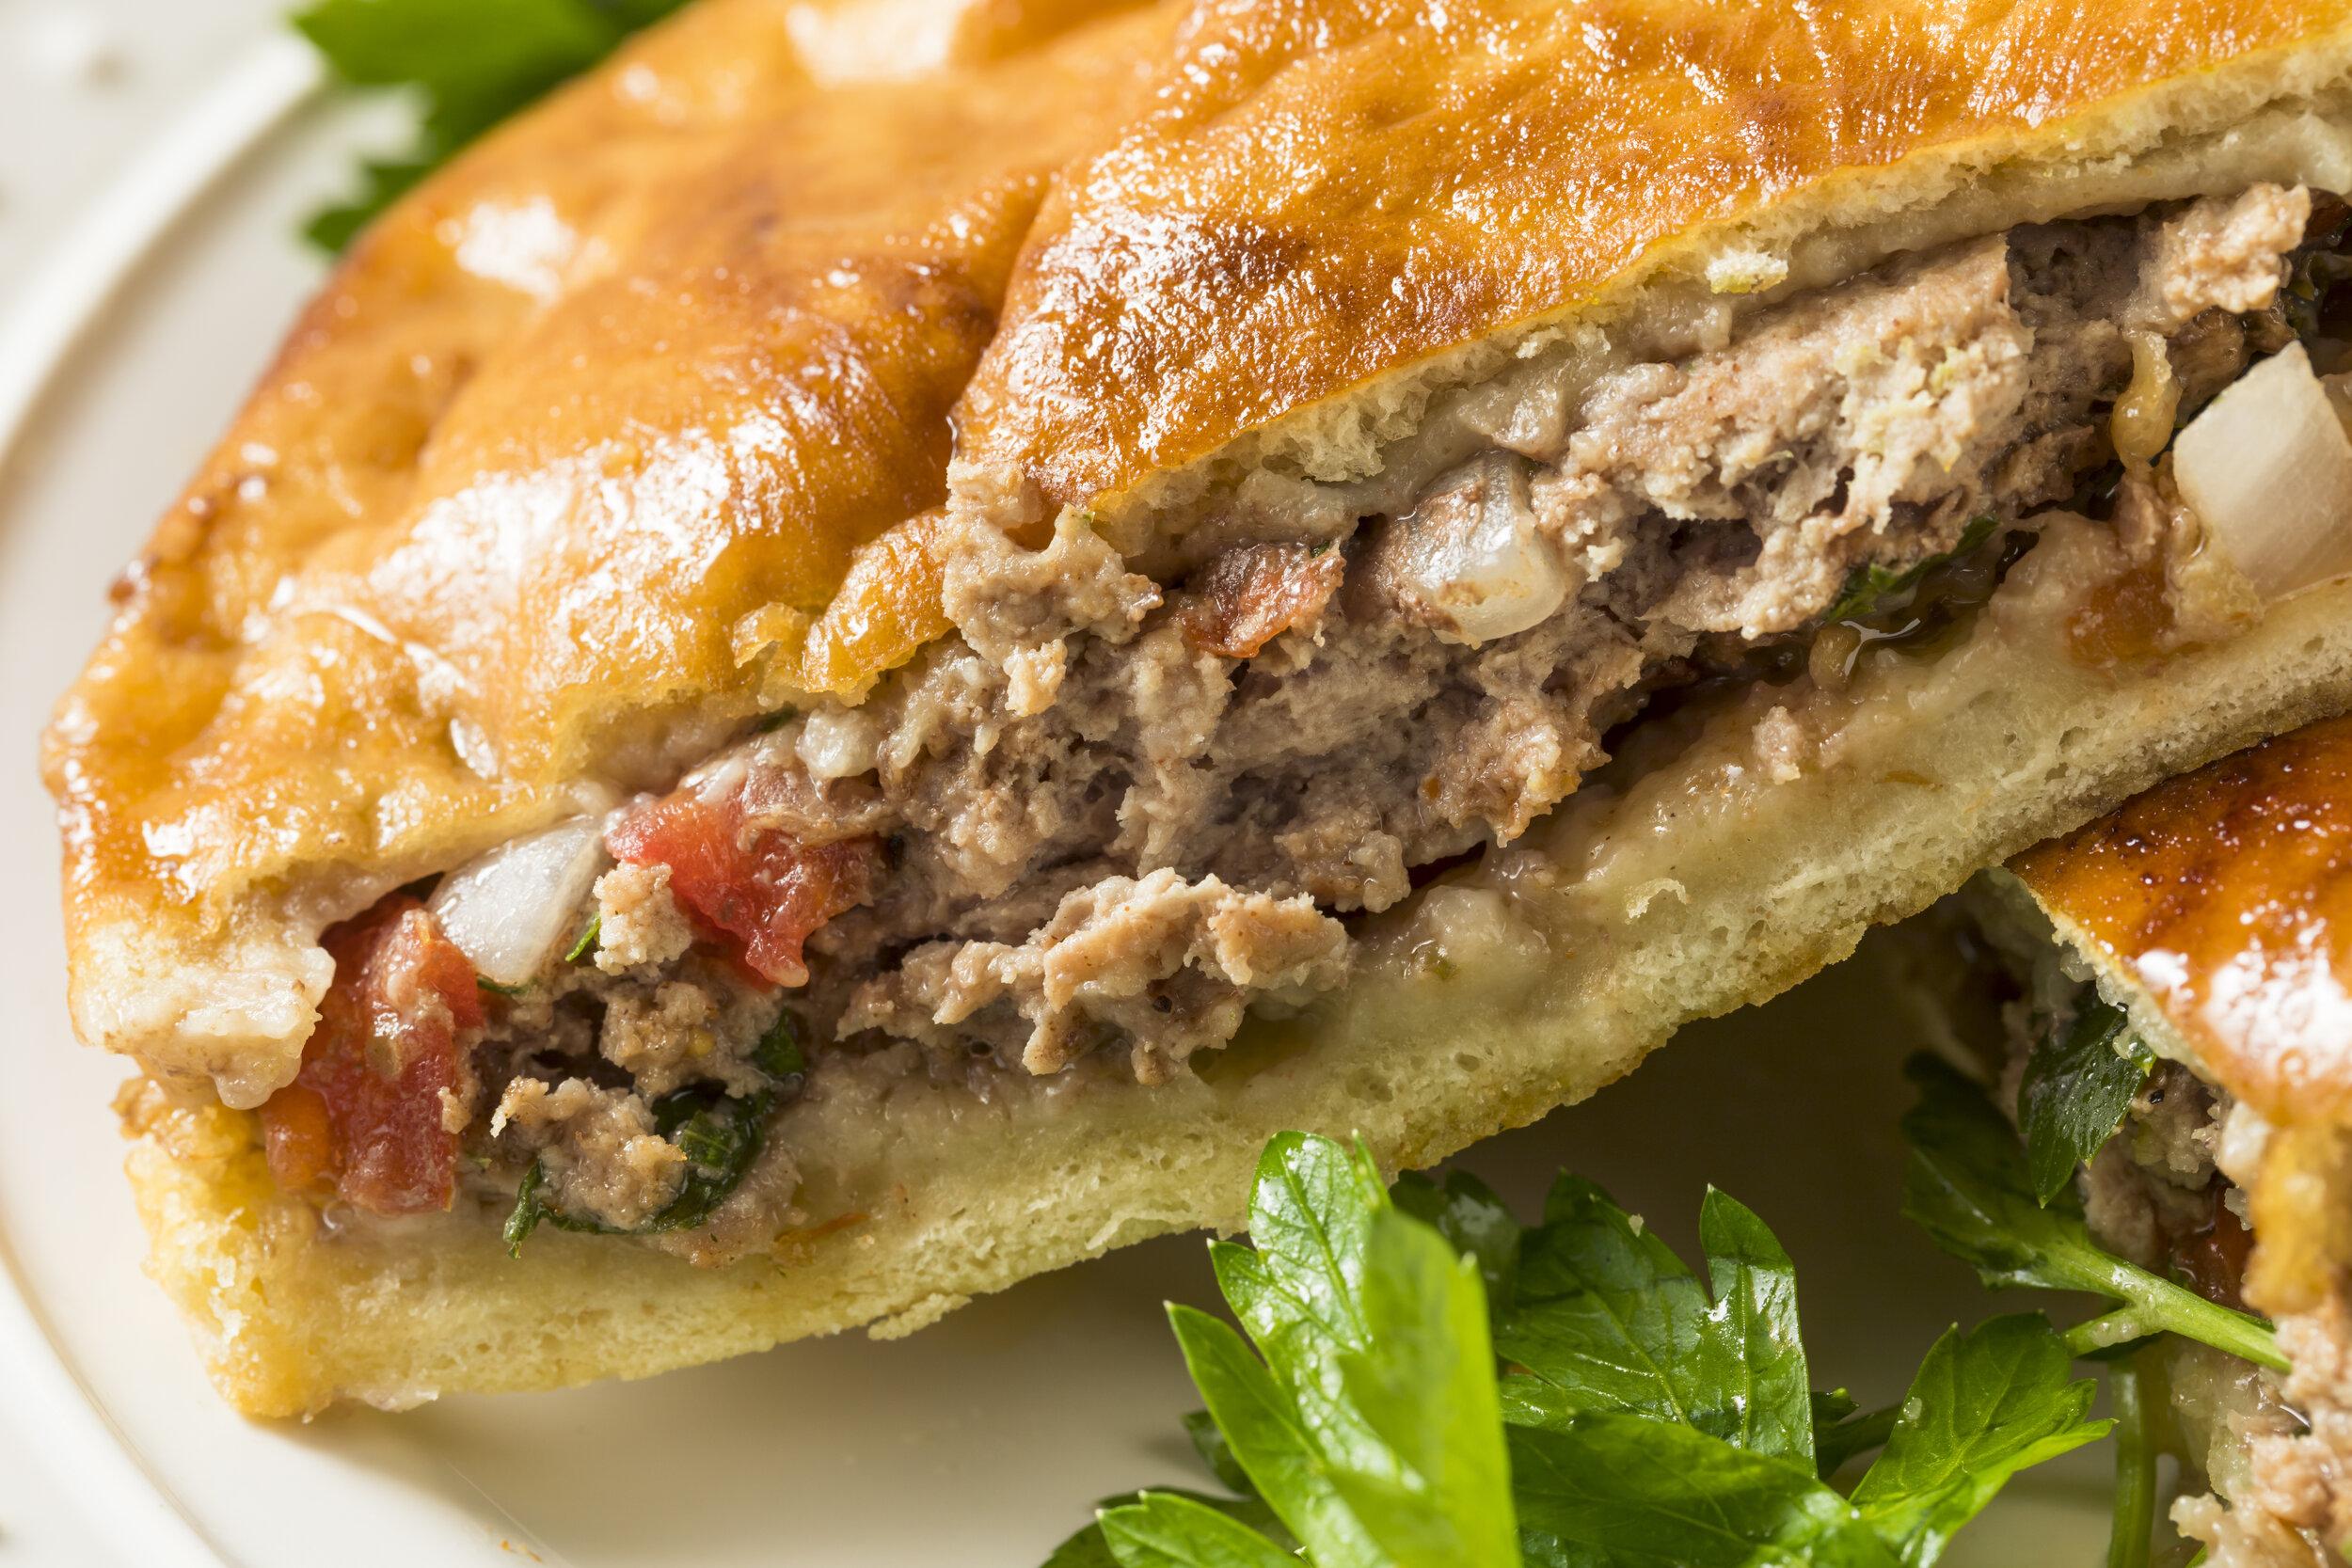 The Israeli street food, arayes.